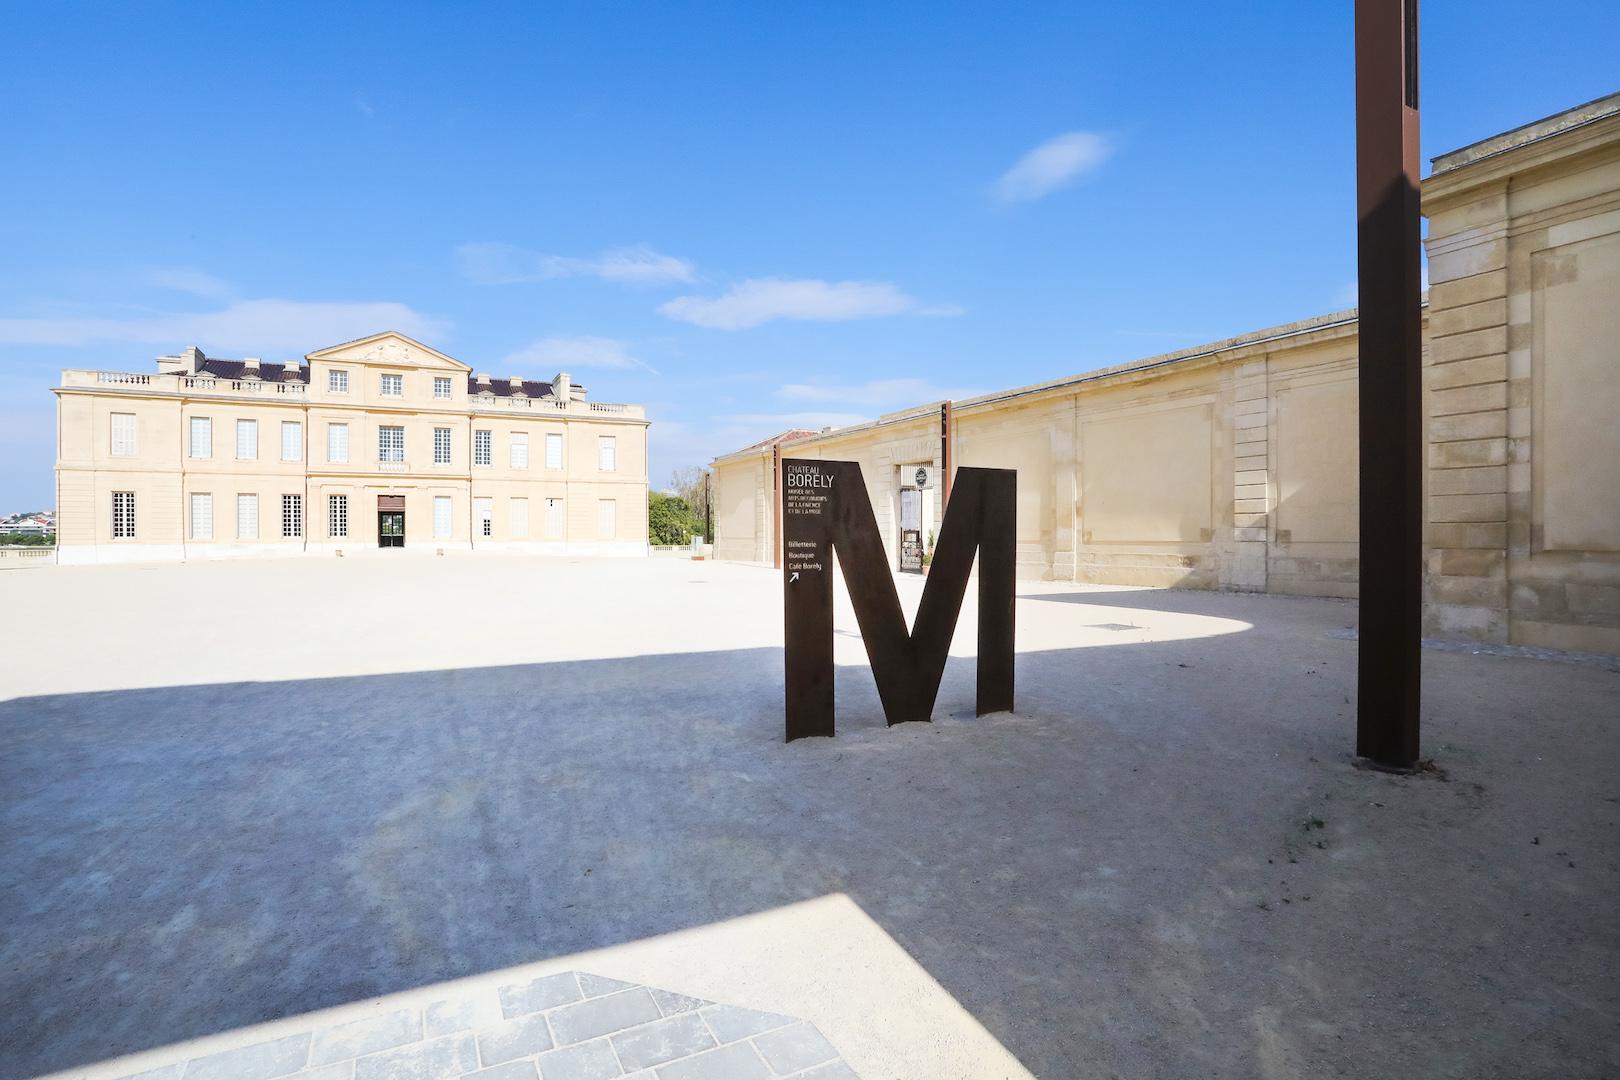 Maison pour une famille moderne au Château Borély